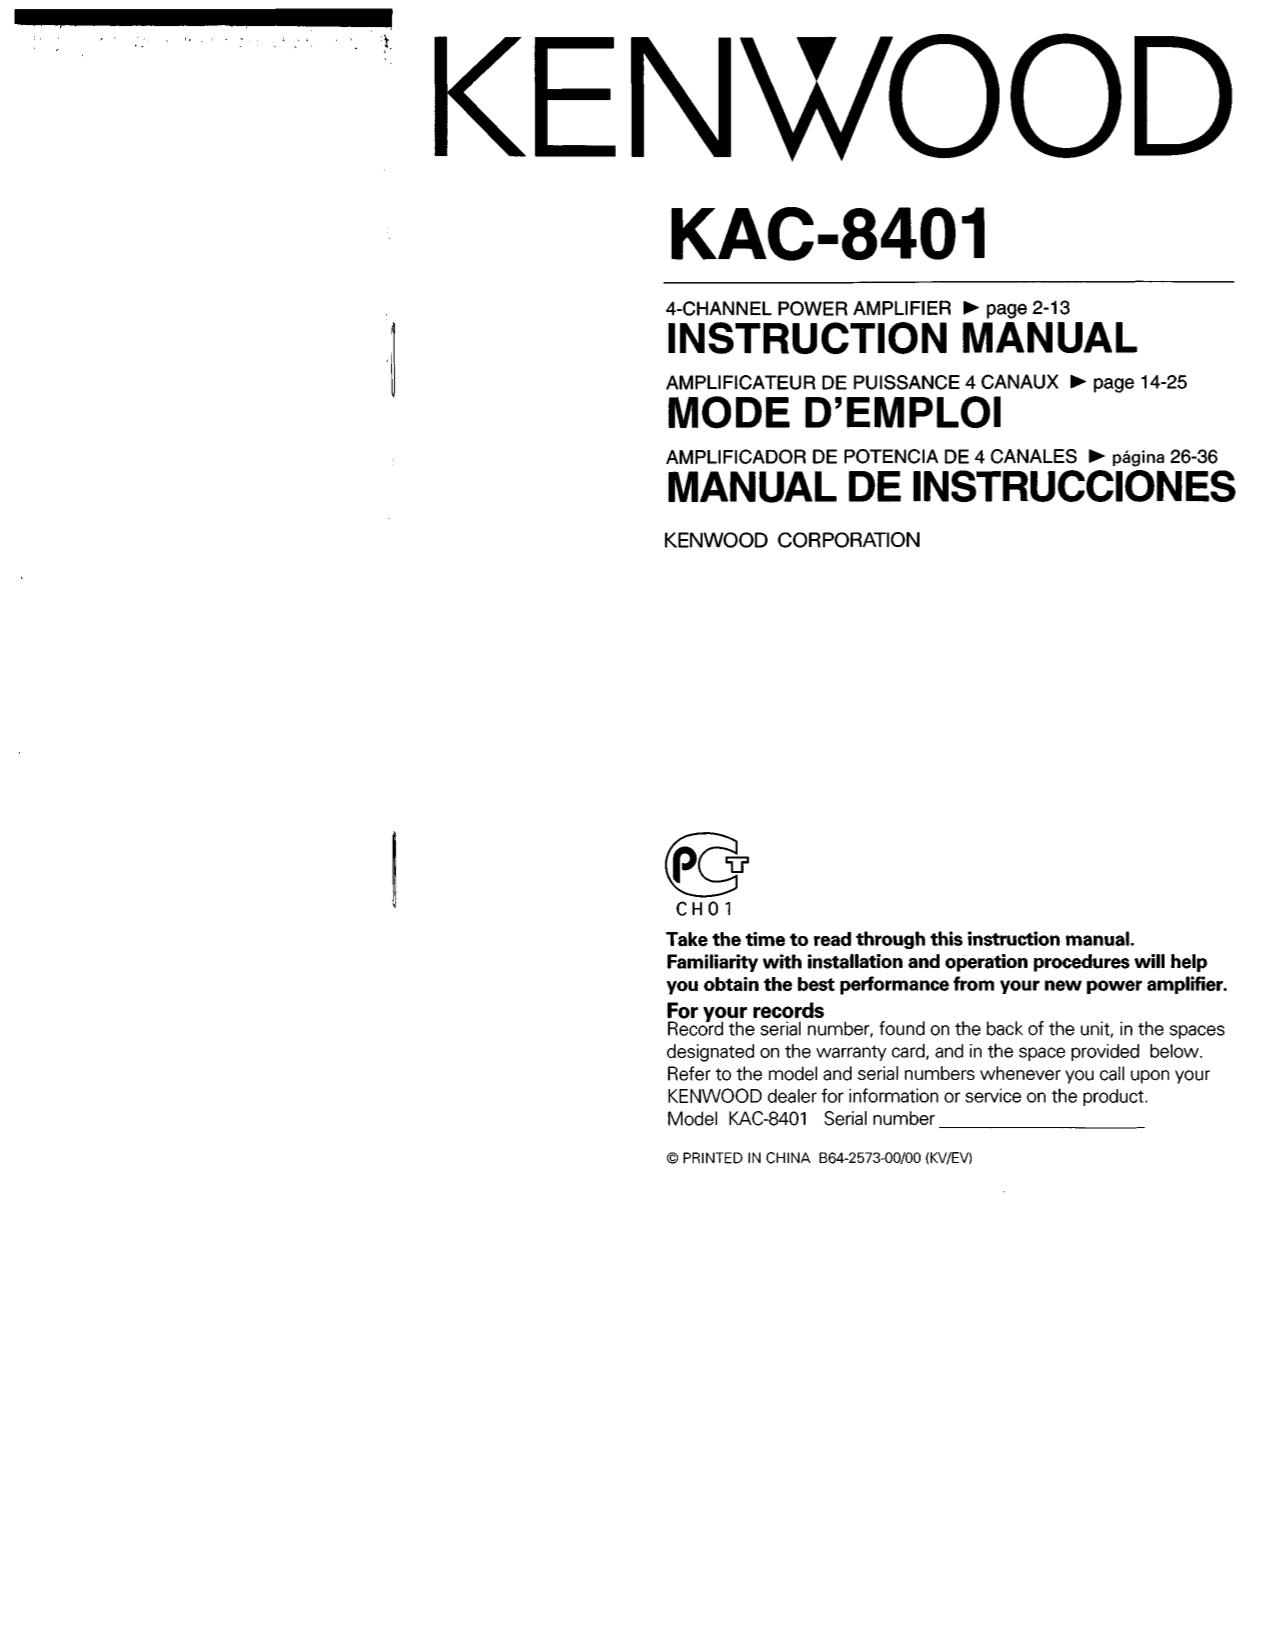 download free pdf for kenwood kac